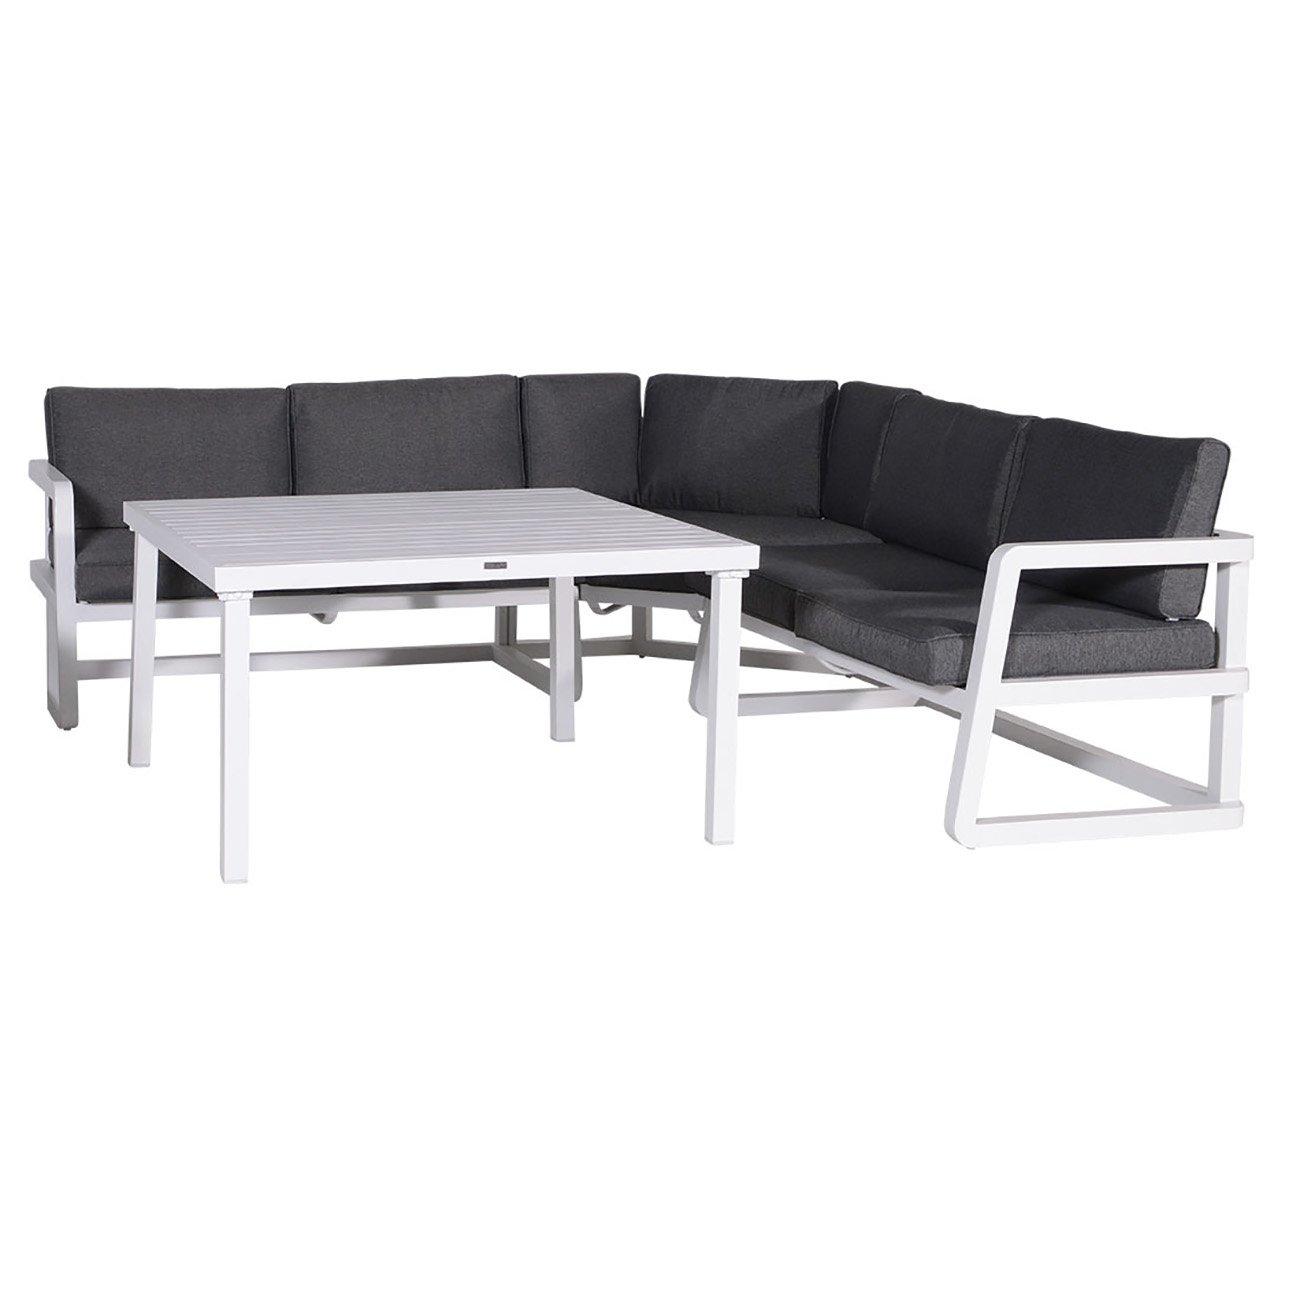 outliv clayton dininglounge 4tlg alumixed white kissen anthrazit lounge set g nstig kaufen. Black Bedroom Furniture Sets. Home Design Ideas